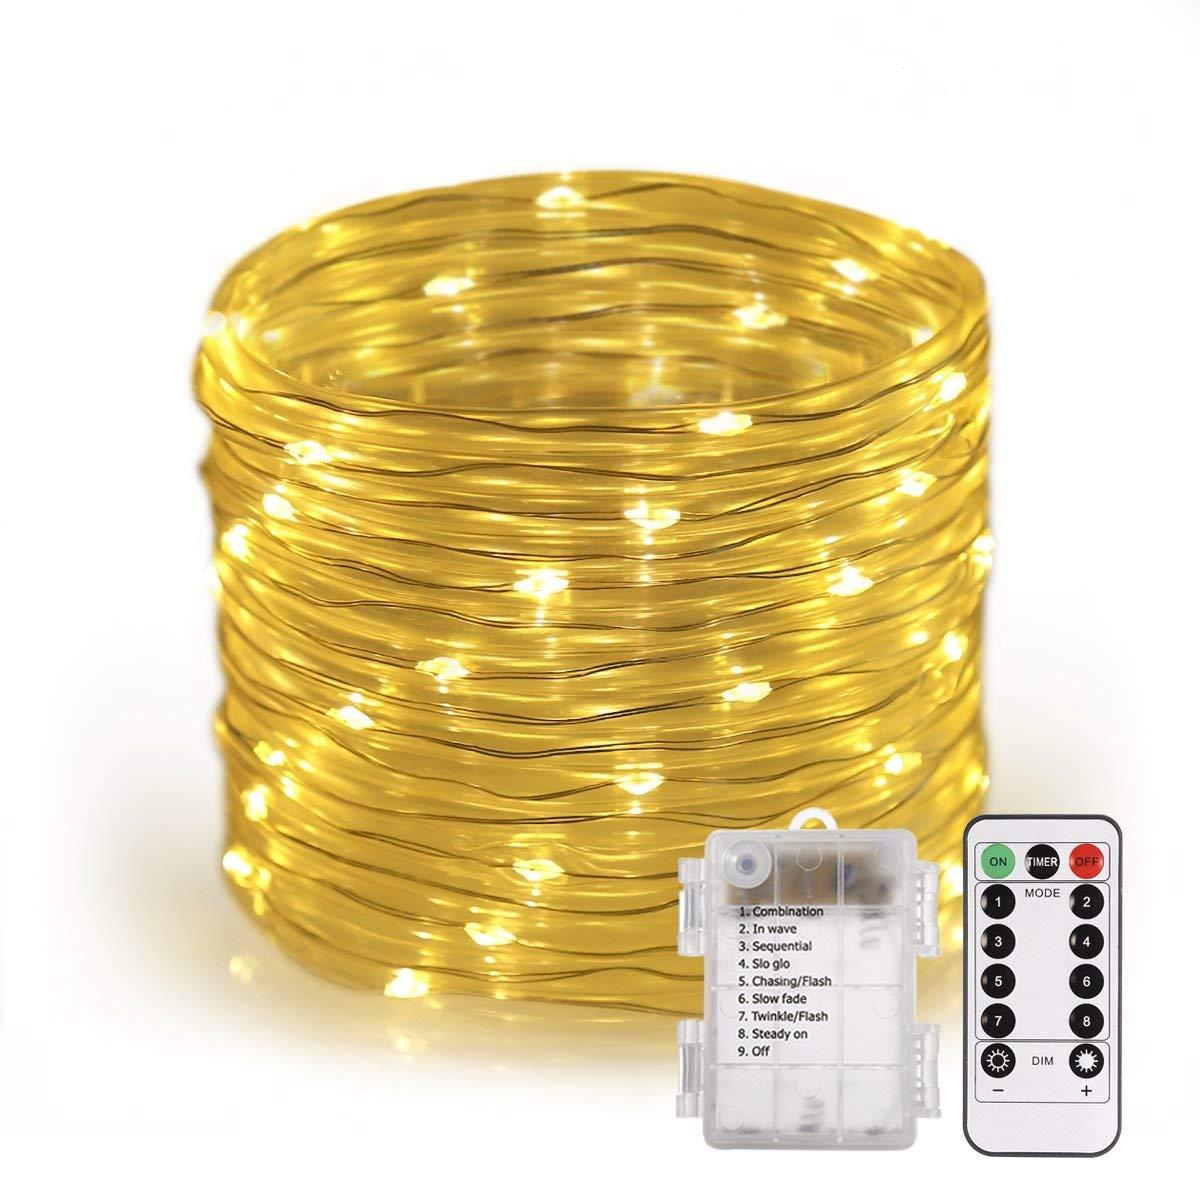 Bild zu [Prime] 120er LED Lichterschlauch mit Fernbedienung (14 Meter) für Innen und Außen für 11,69€